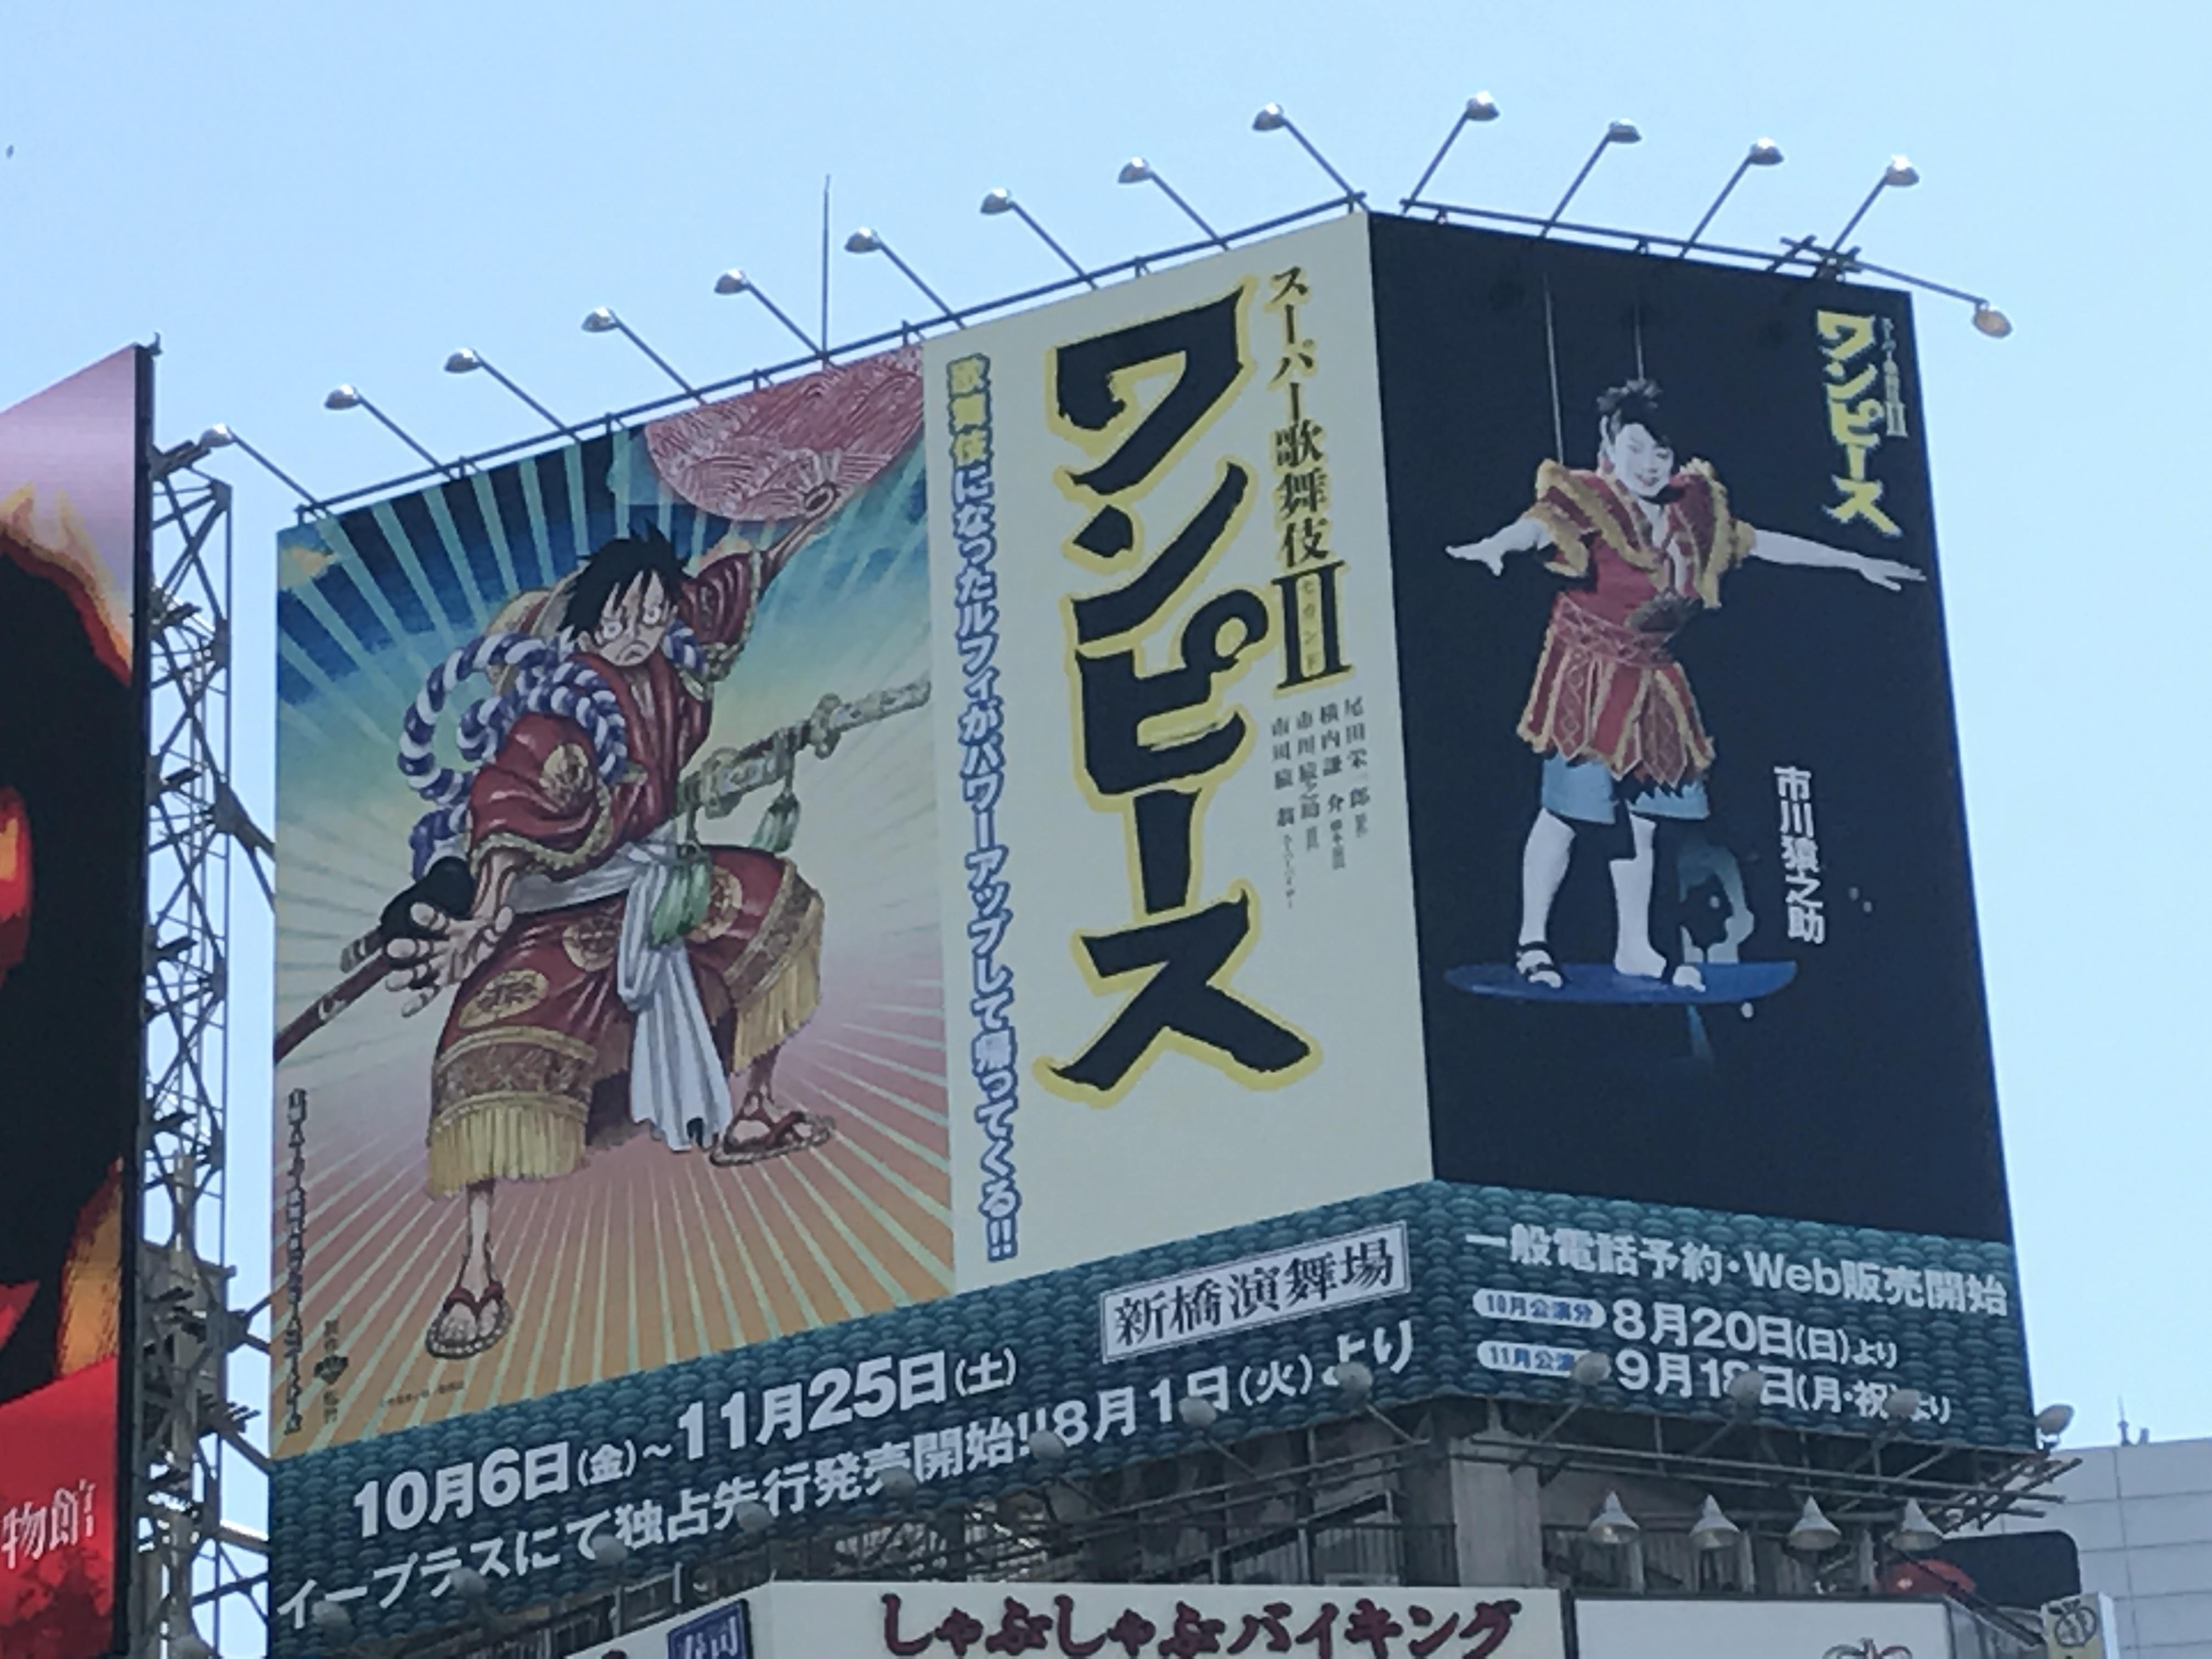 渋谷駅前ビル屋上(スーパー歌舞伎Ⅱワンピース).jpg